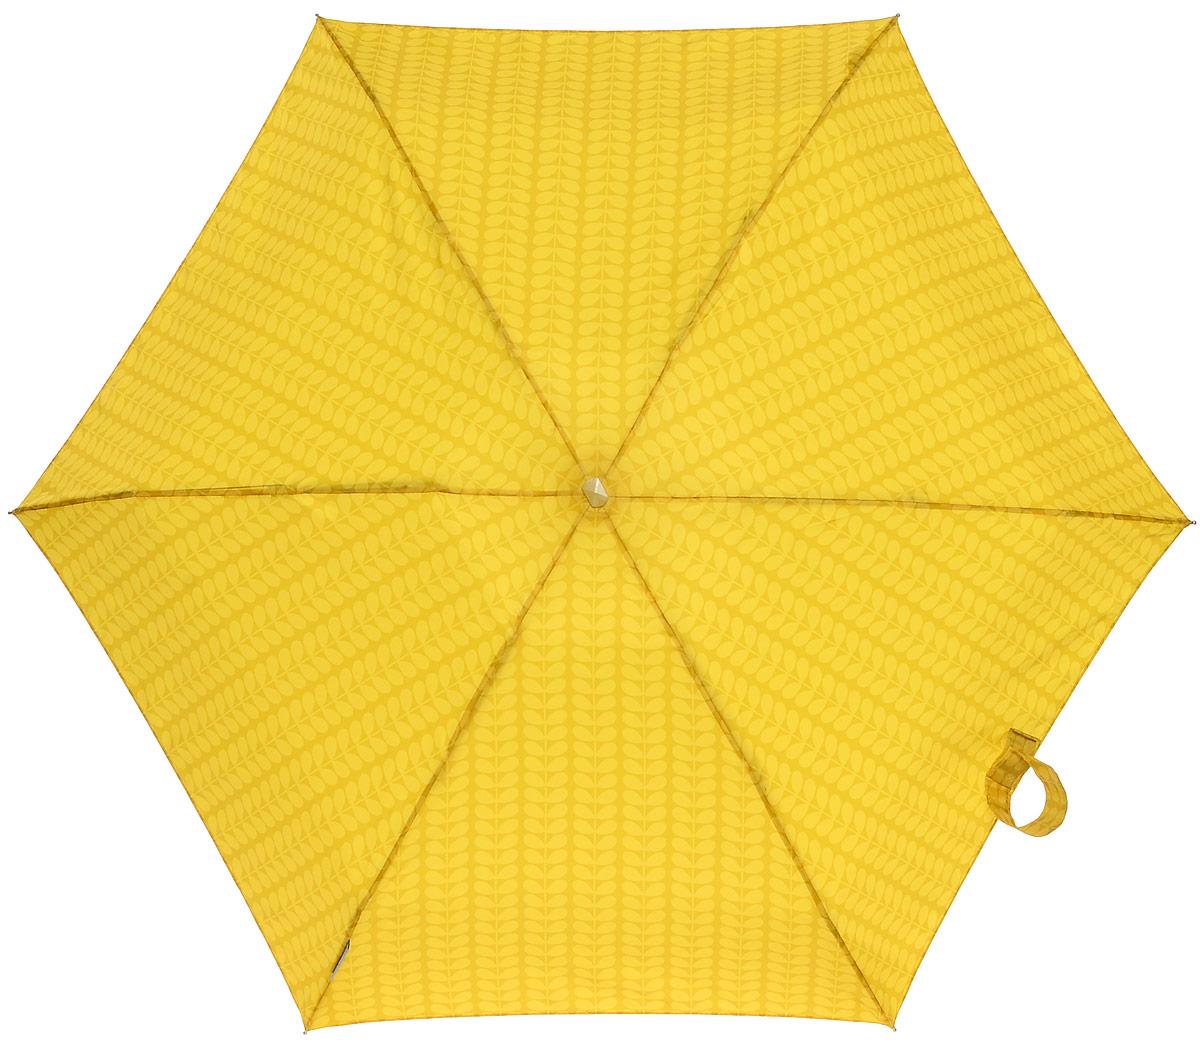 Зонт женский Orla Kiely Tiny, механический, 5 сложений, цвет: горчичный. L744-2286L744-2286 Bi-ColourStemOchreСтильный механический зонт Orla Kiely Tiny в 5 сложений даже в ненастную погоду позволит вам оставаться элегантной. Облегченный каркас зонта выполнен из 6 спиц из фибергласса и алюминия, стержень также изготовлен из алюминия, удобная рукоятка - из дерева. Купол зонта выполнен из прочного полиэстера. В закрытом виде застегивается хлястиком на липучке. Яркий оригинальный рисунок в виде листиков поднимет настроение в дождливый день. Зонт механического сложения: купол открывается и закрывается вручную до характерного щелчка. На рукоятке для удобства есть небольшой шнурок, позволяющий надеть зонт на руку тогда, когда это будет необходимо. К зонту прилагается чехол с небольшой нашивкой с названием бренда.